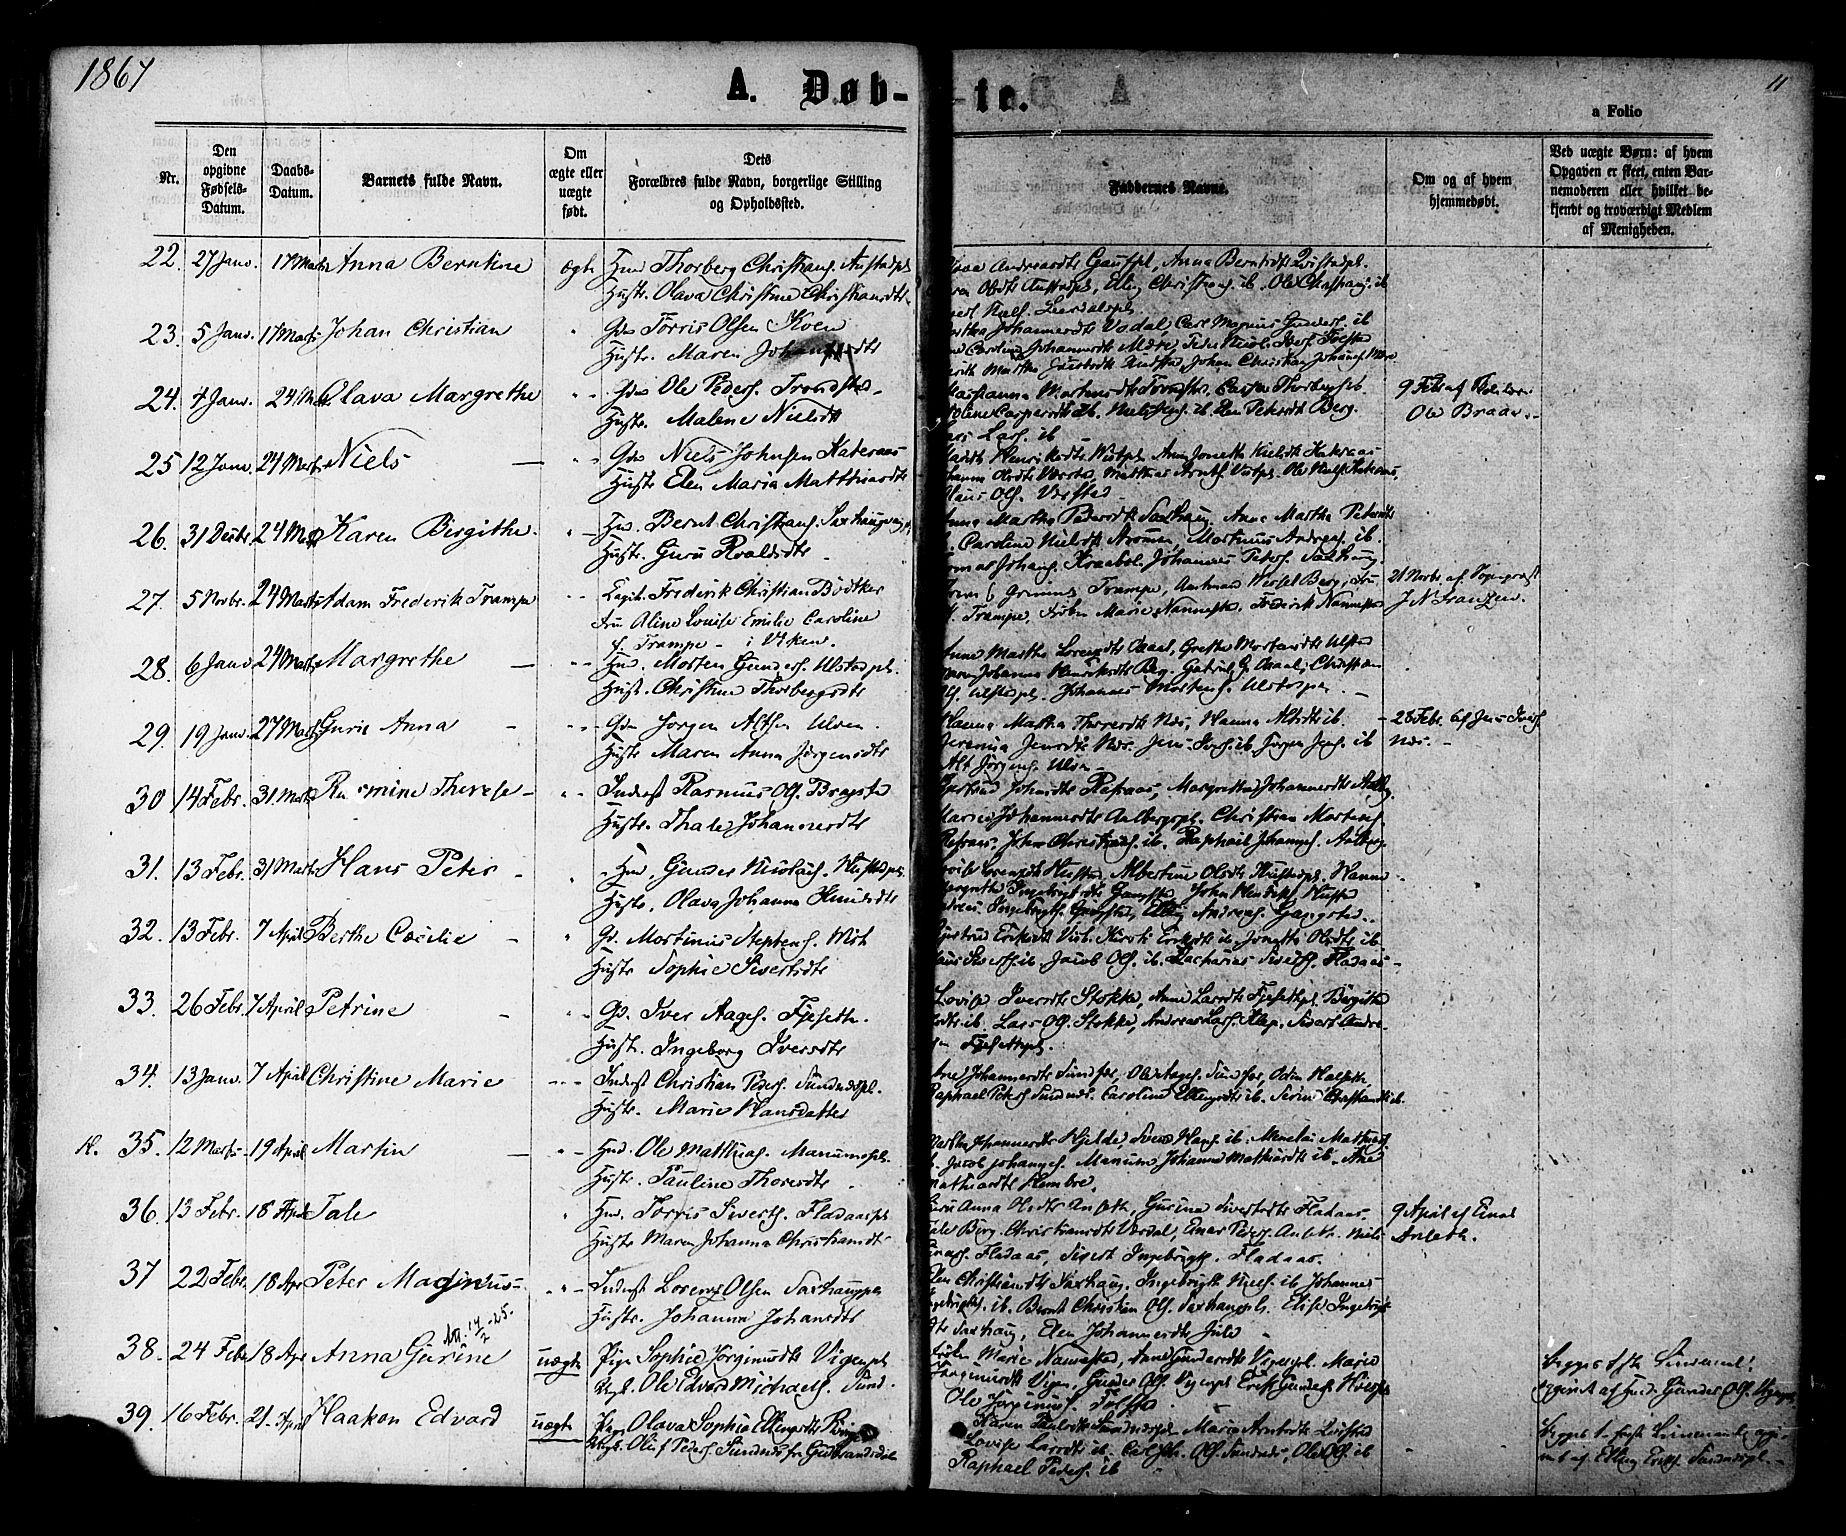 SAT, Ministerialprotokoller, klokkerbøker og fødselsregistre - Nord-Trøndelag, 730/L0284: Ministerialbok nr. 730A09, 1866-1878, s. 11